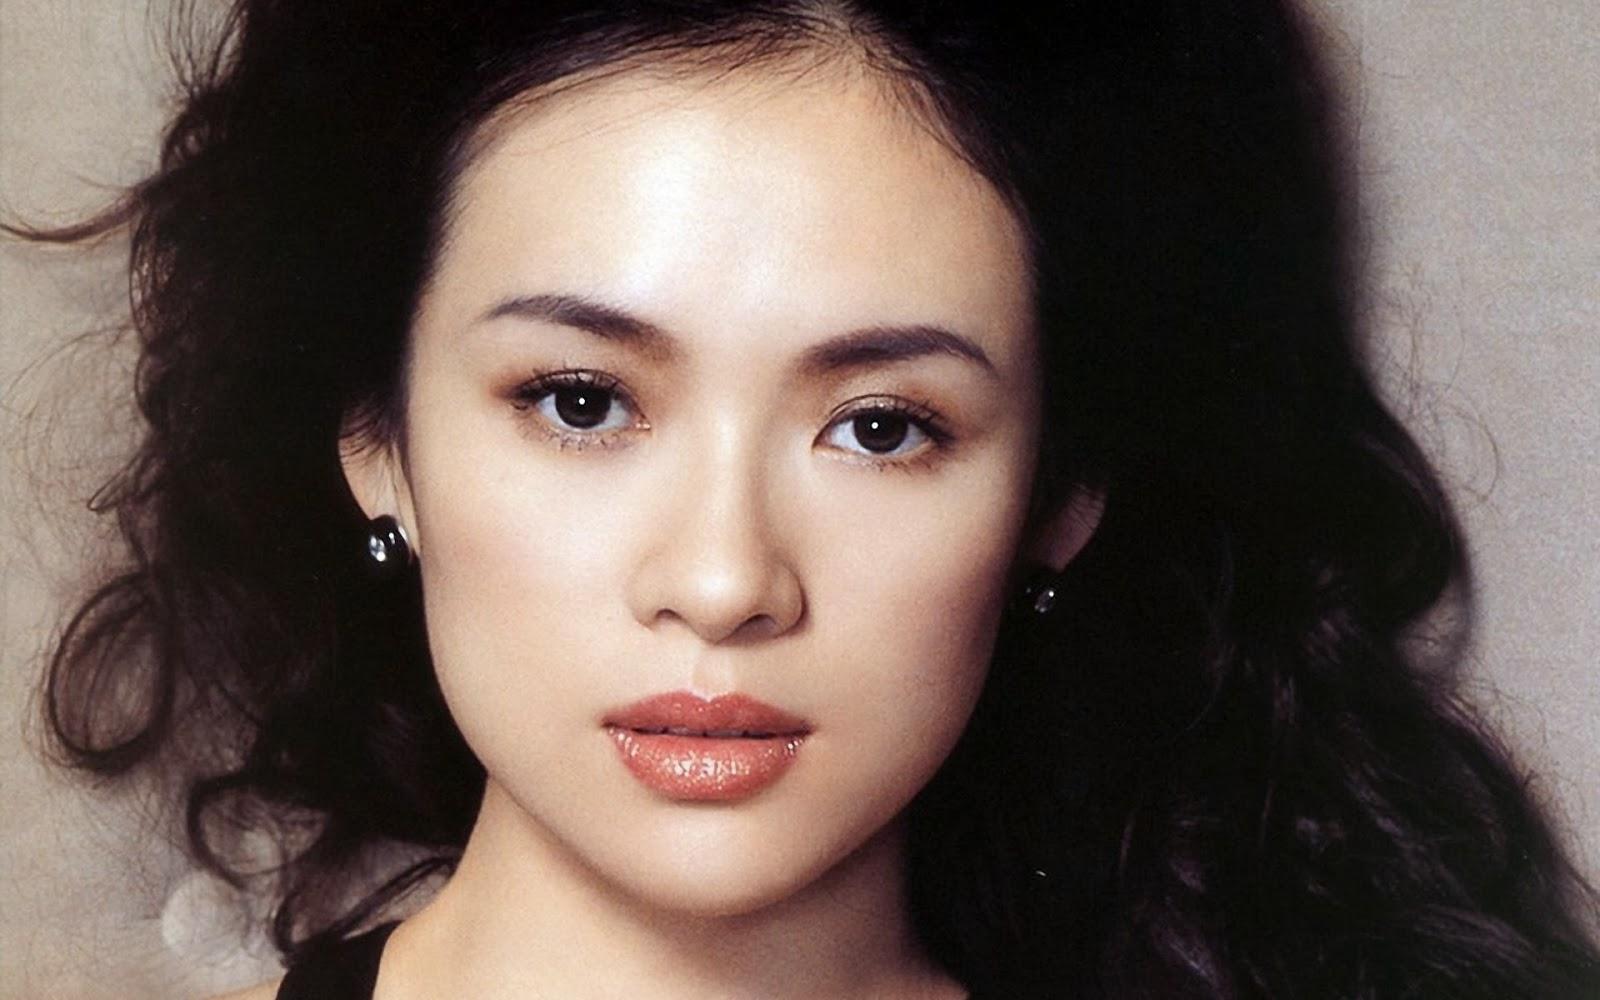 Zhang Ziyi HD wallpapers Free Download